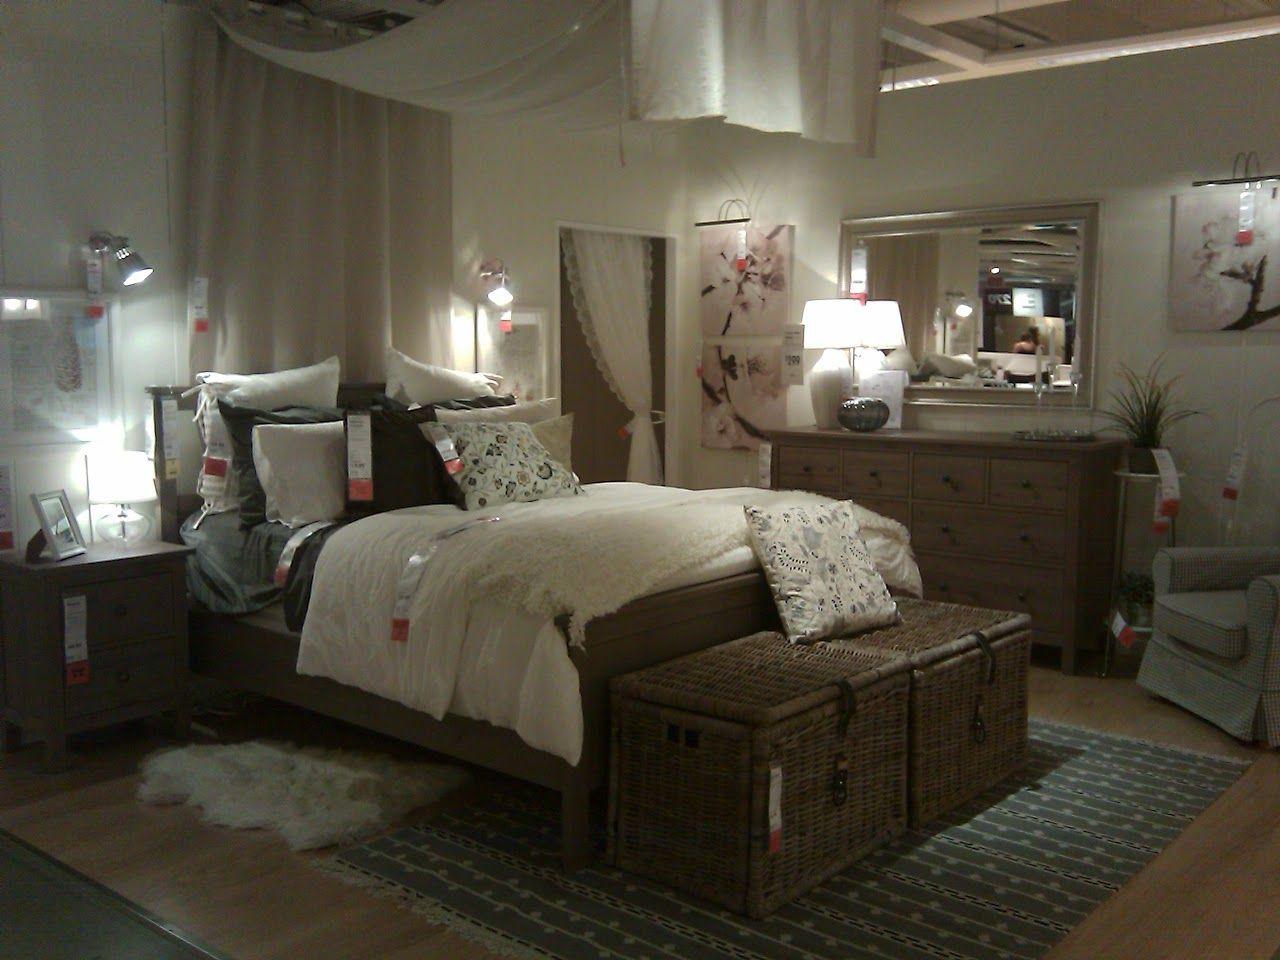 Ikea Showroom Bedroom Hemnes Dresser Brown Furniture Bedroom